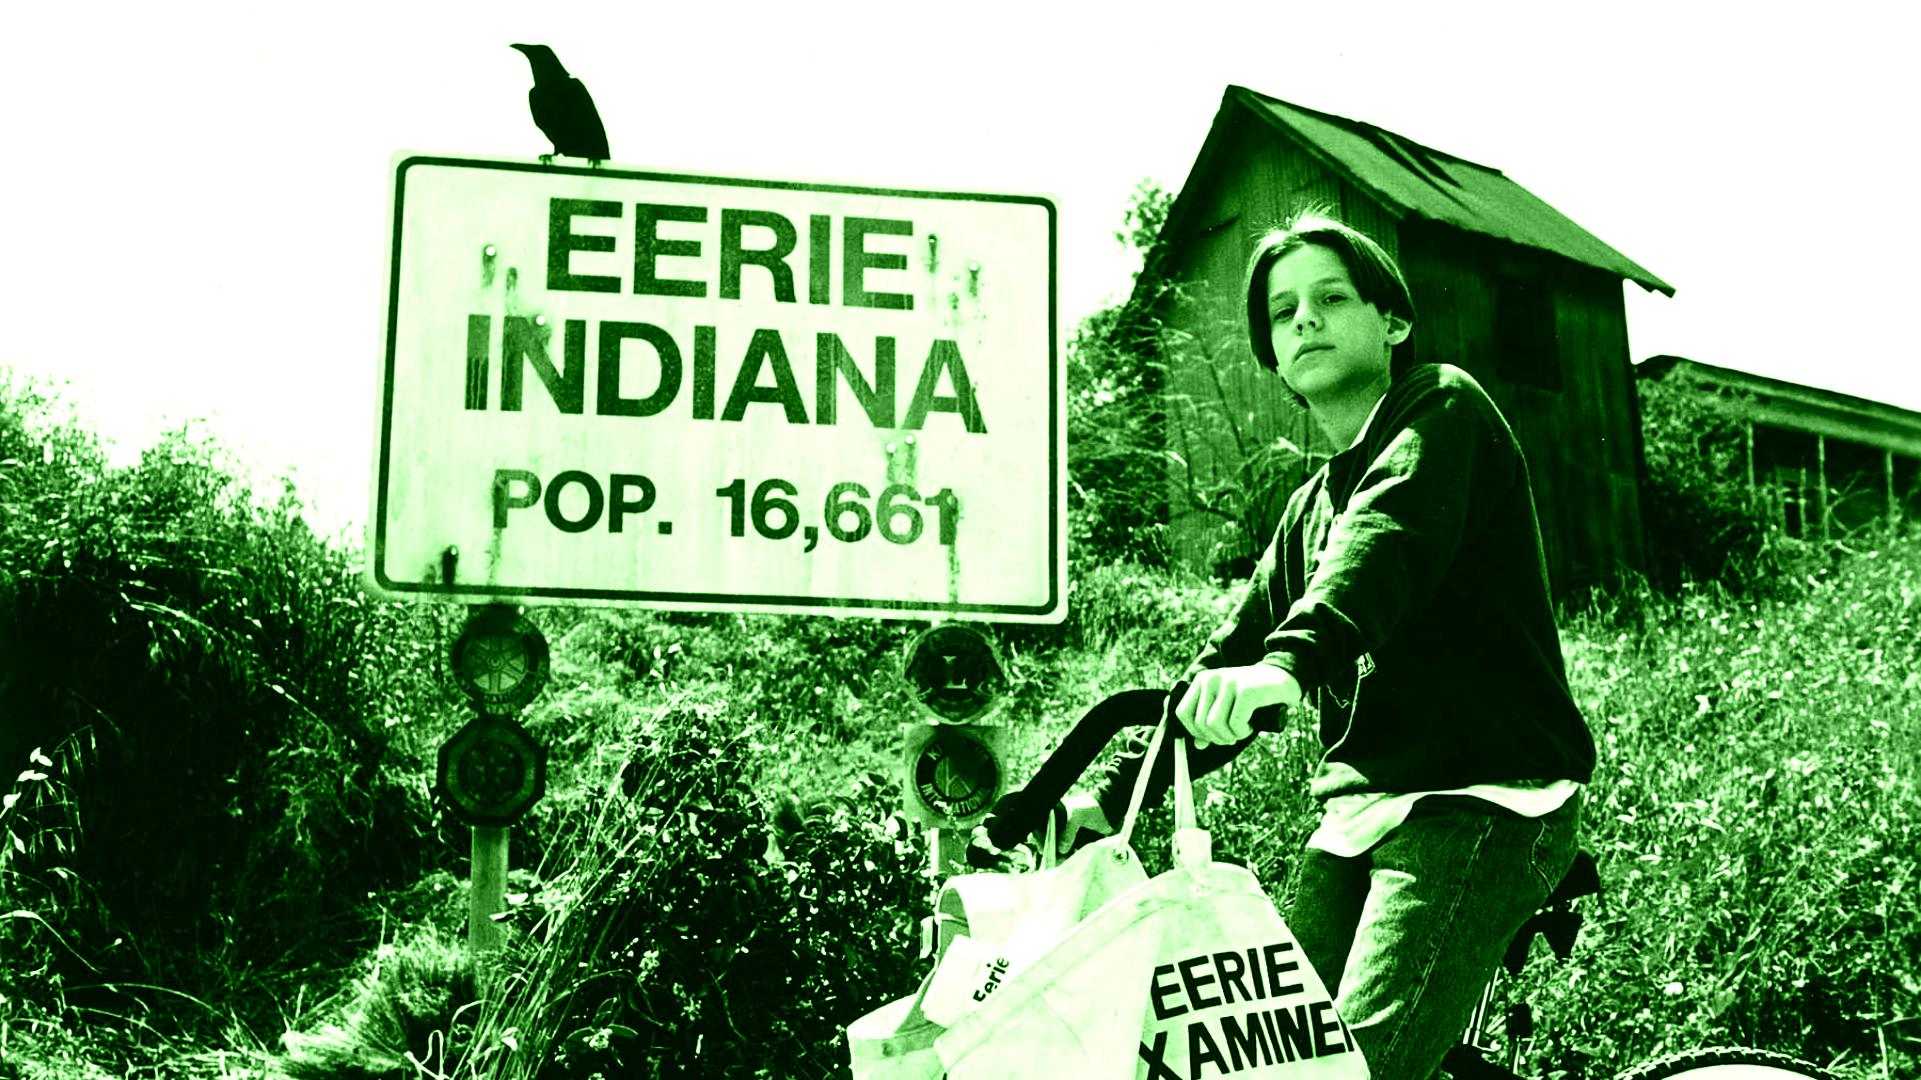 Eerie Indiana Opening